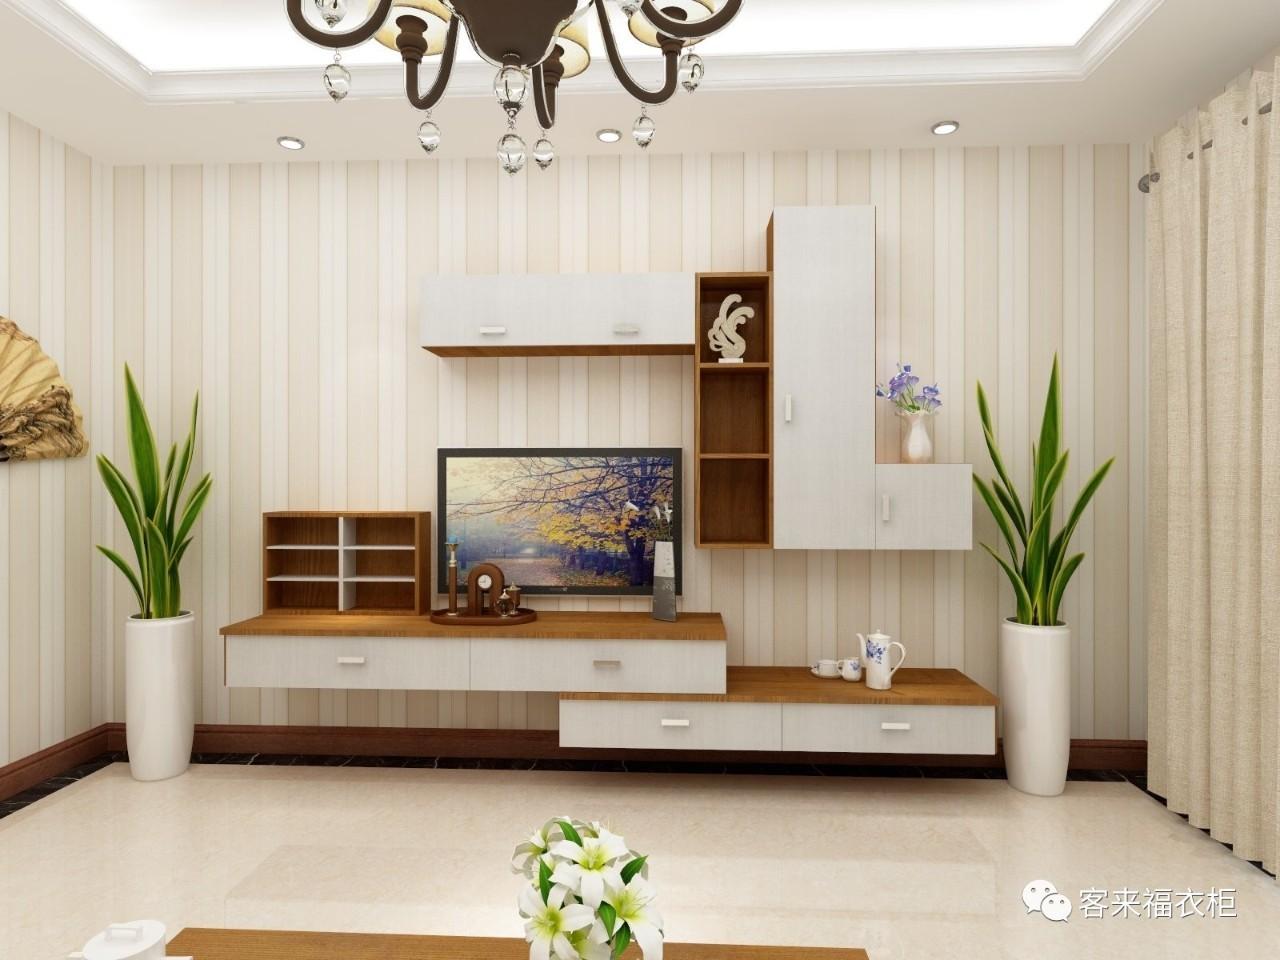 传统造型的电视柜简约经典.